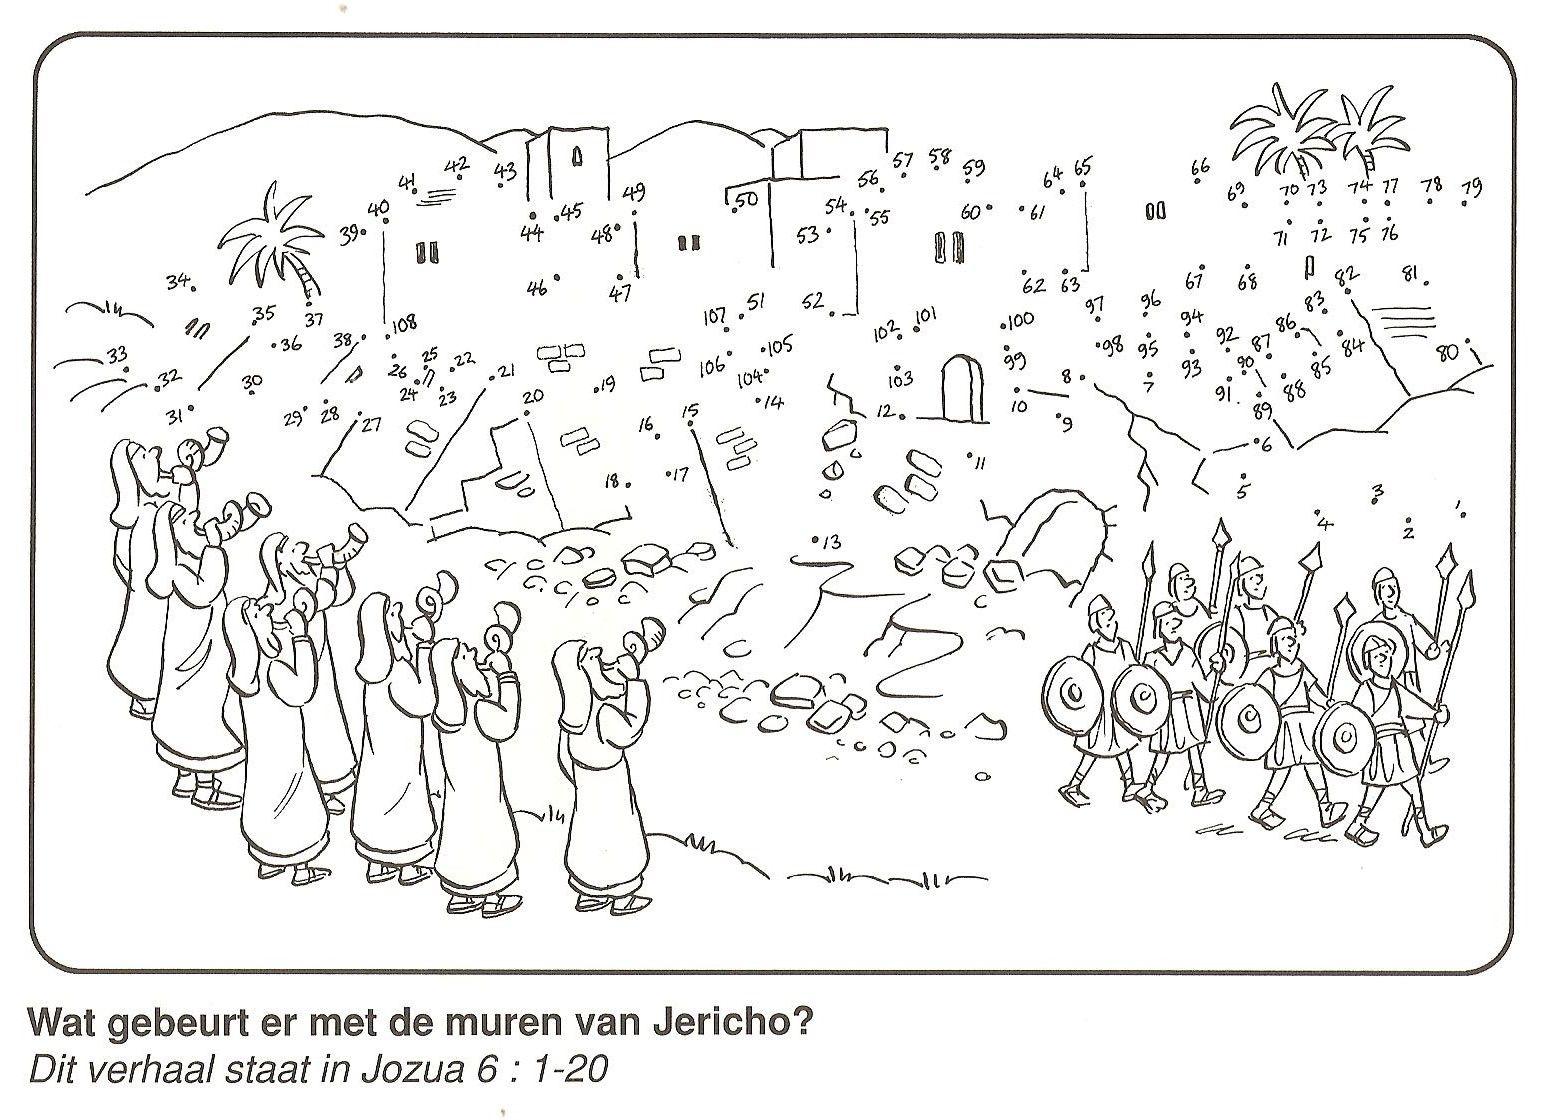 Wat Gebeurt Er Met De Muren Van Jericho? Jozua 6:1-20 Van